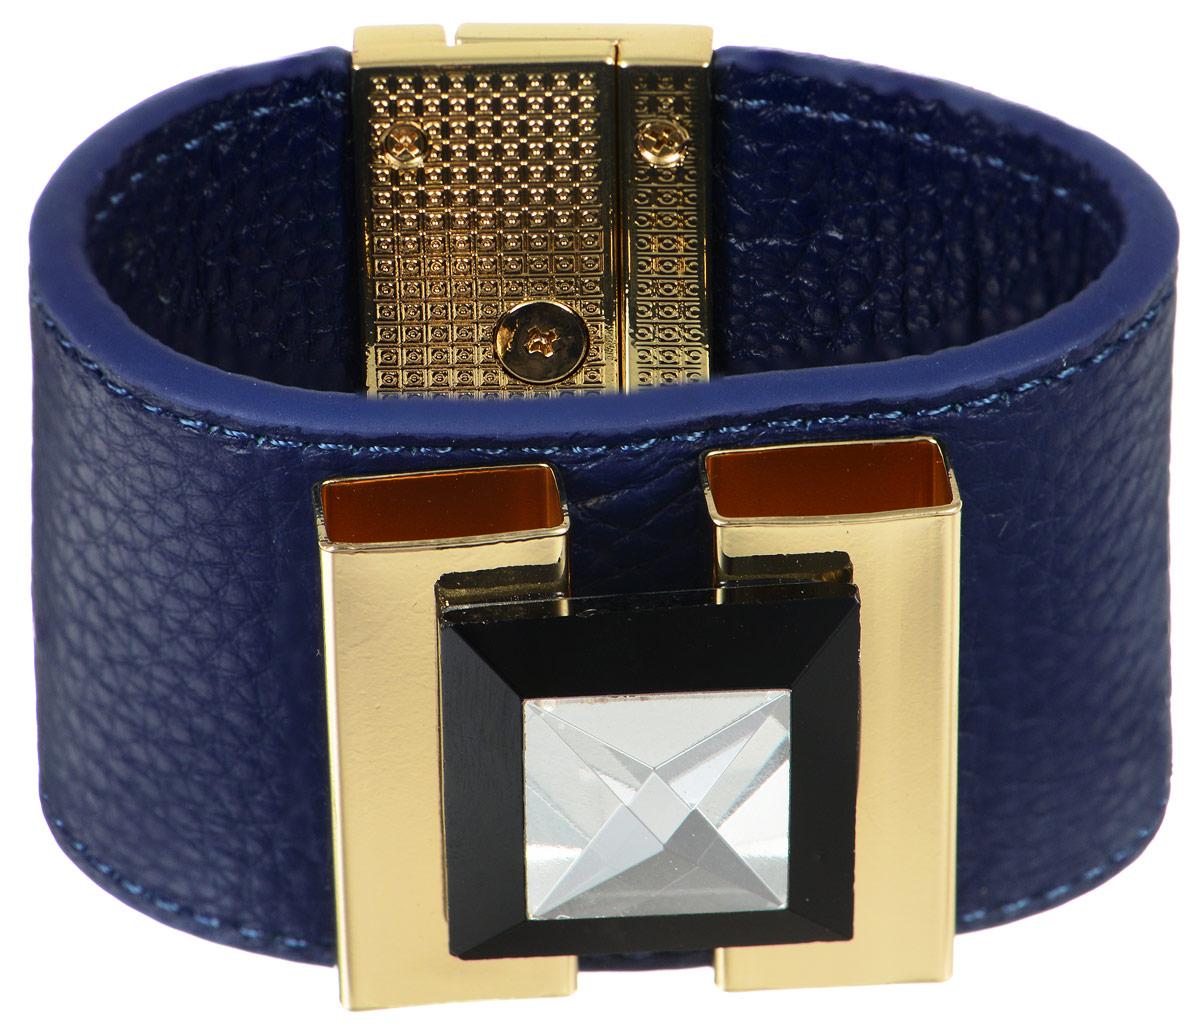 Браслет Art-Silver, цвет: темно-синий, золотистый. СН13-850. Размер 19СН13-850Оригинальный браслет Art-Silver выполнен из натуральной кожи, оформленный декоративным элементом из бижутерного сплава с кристаллом. Браслет на удобном замке-вертушке, благодаря которому модель идеально фиксируется на руке. Такой браслет позволит вам с легкостью воплотить самую смелую фантазию и создать собственный, неповторимый образ.